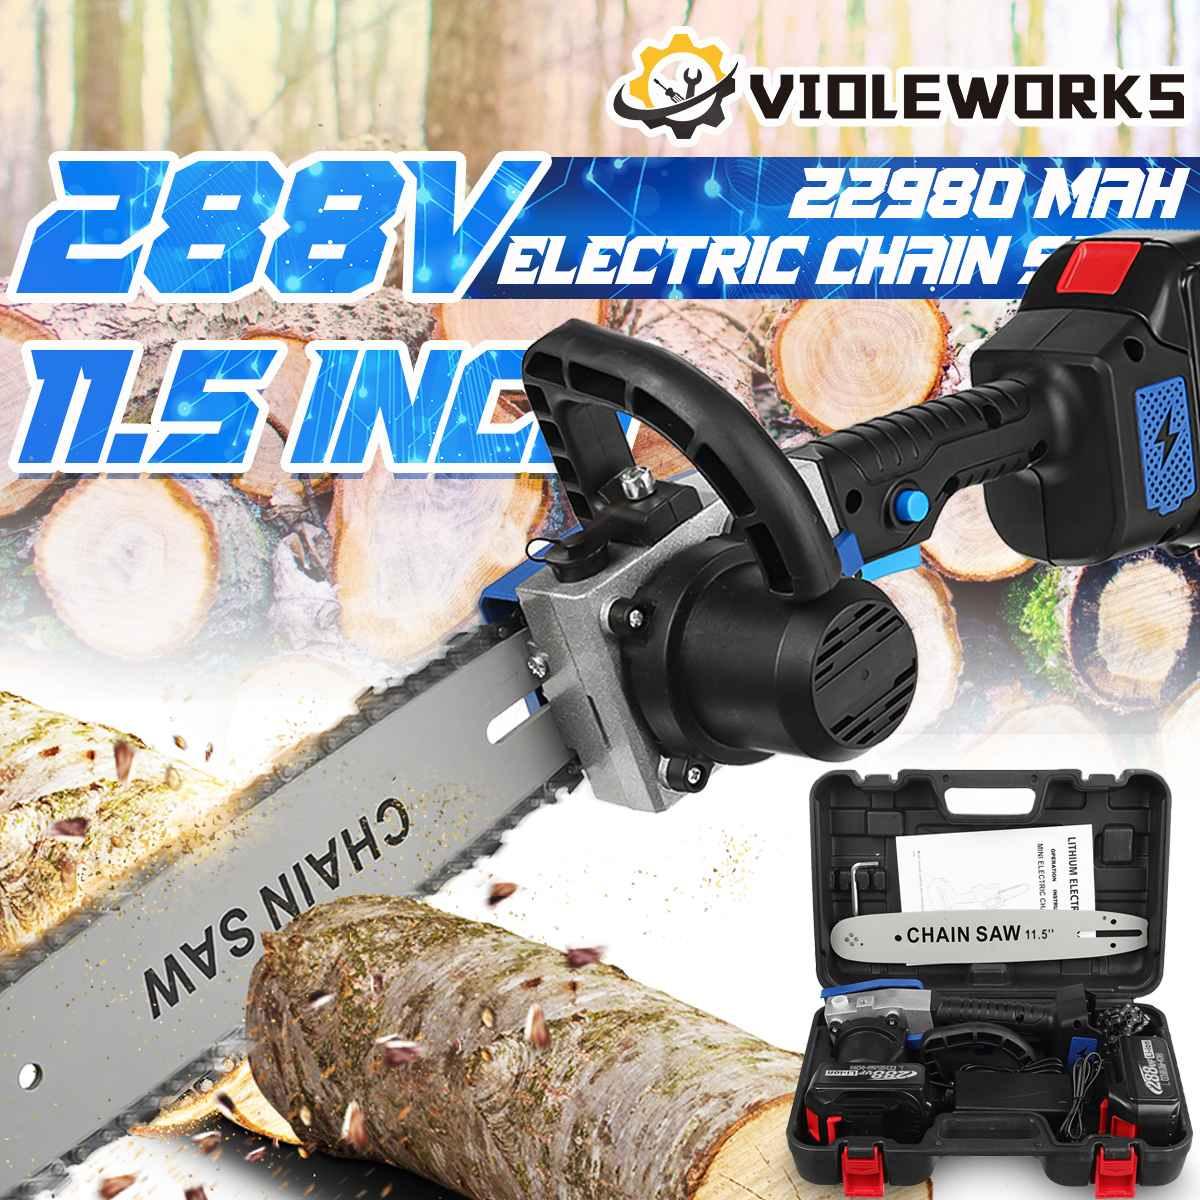 288VF 11.5 بوصة منشار كهربائي بالمنشار مع 2 قطعة 22980mAh بطارية فرش السيارات قاطع خشب قابلة للشحن لبطارية ماكيتا